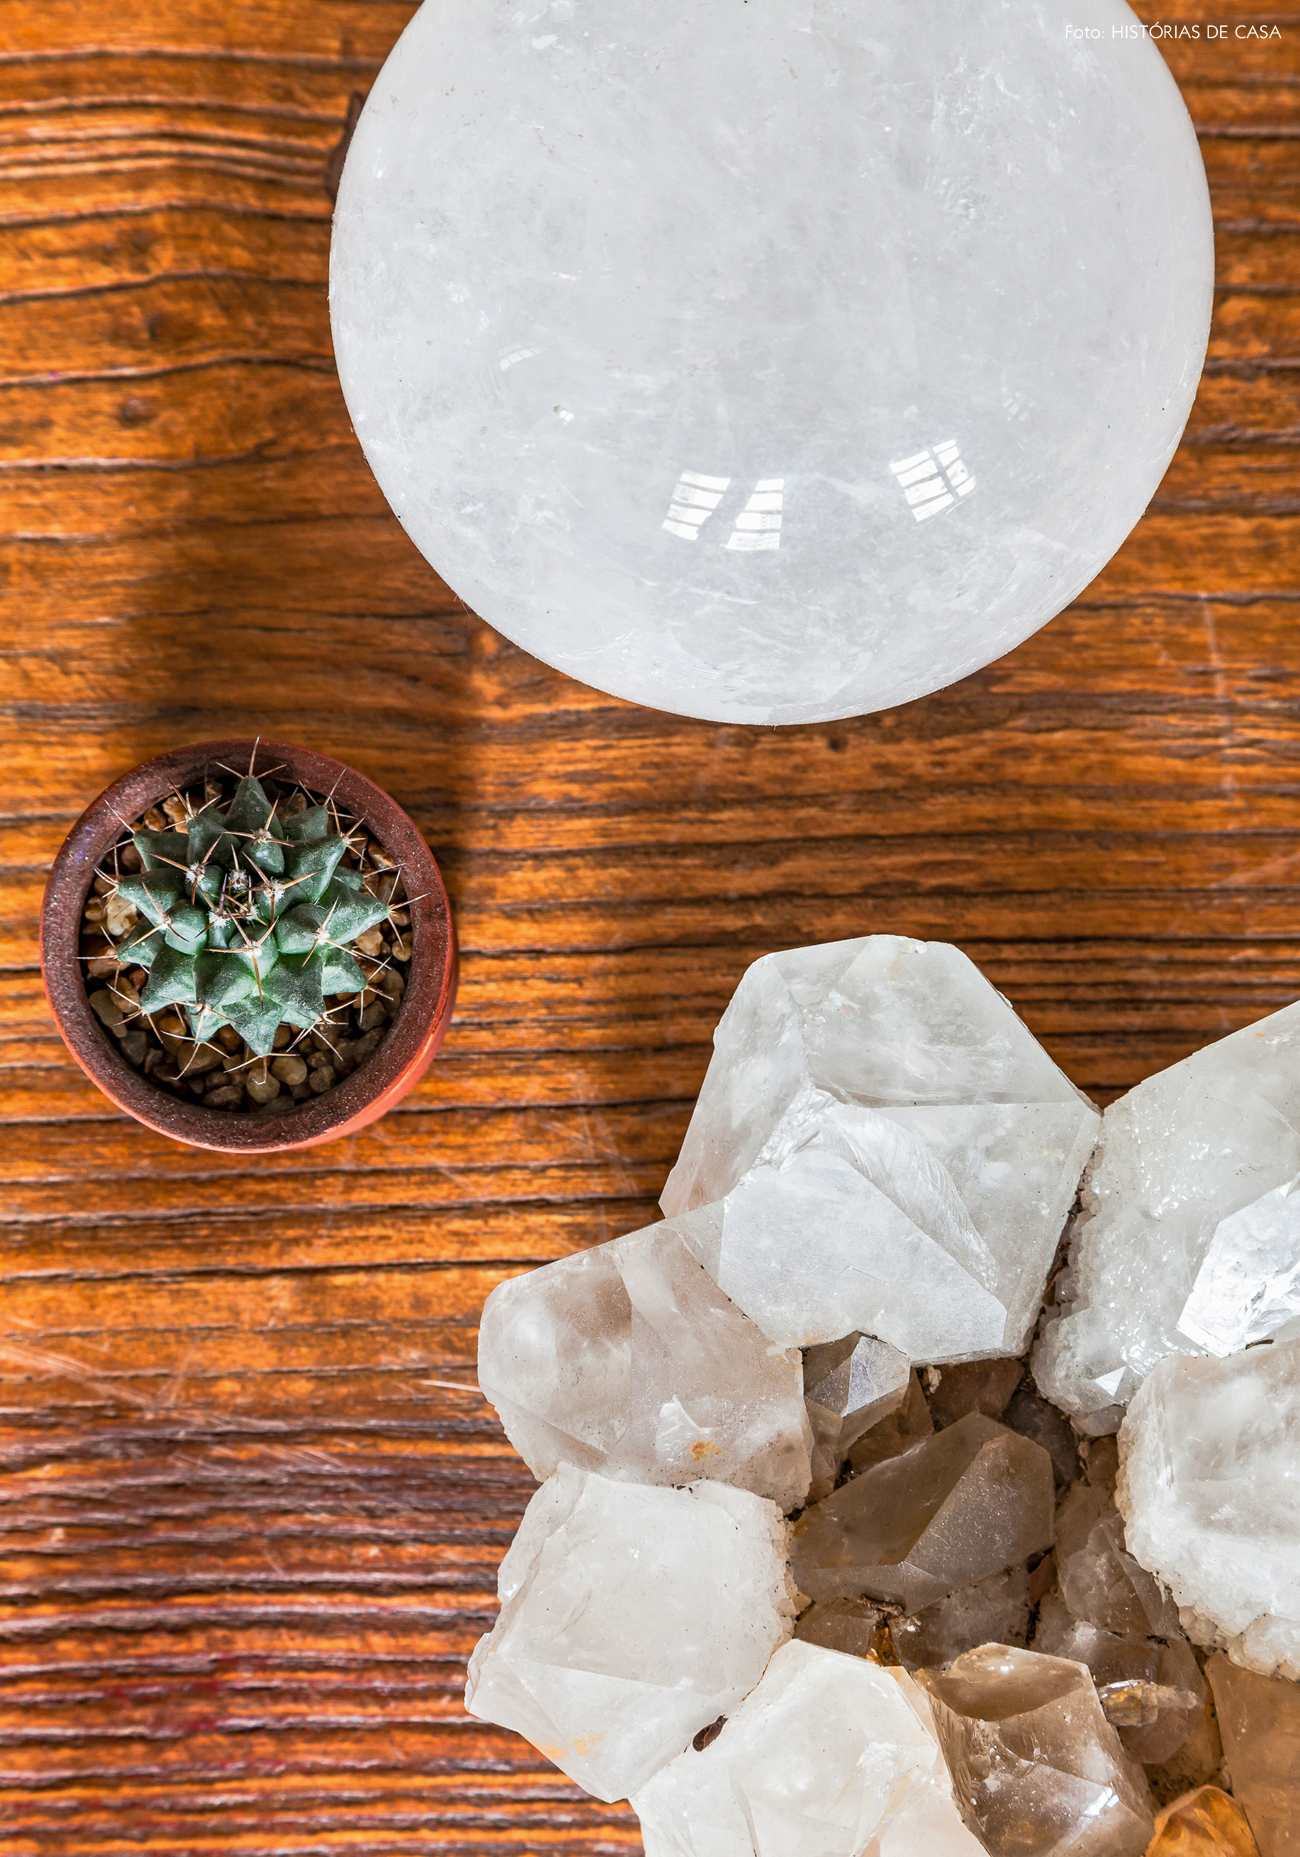 13-decoracao-cristais-pedras-energizar-casa-enfeite